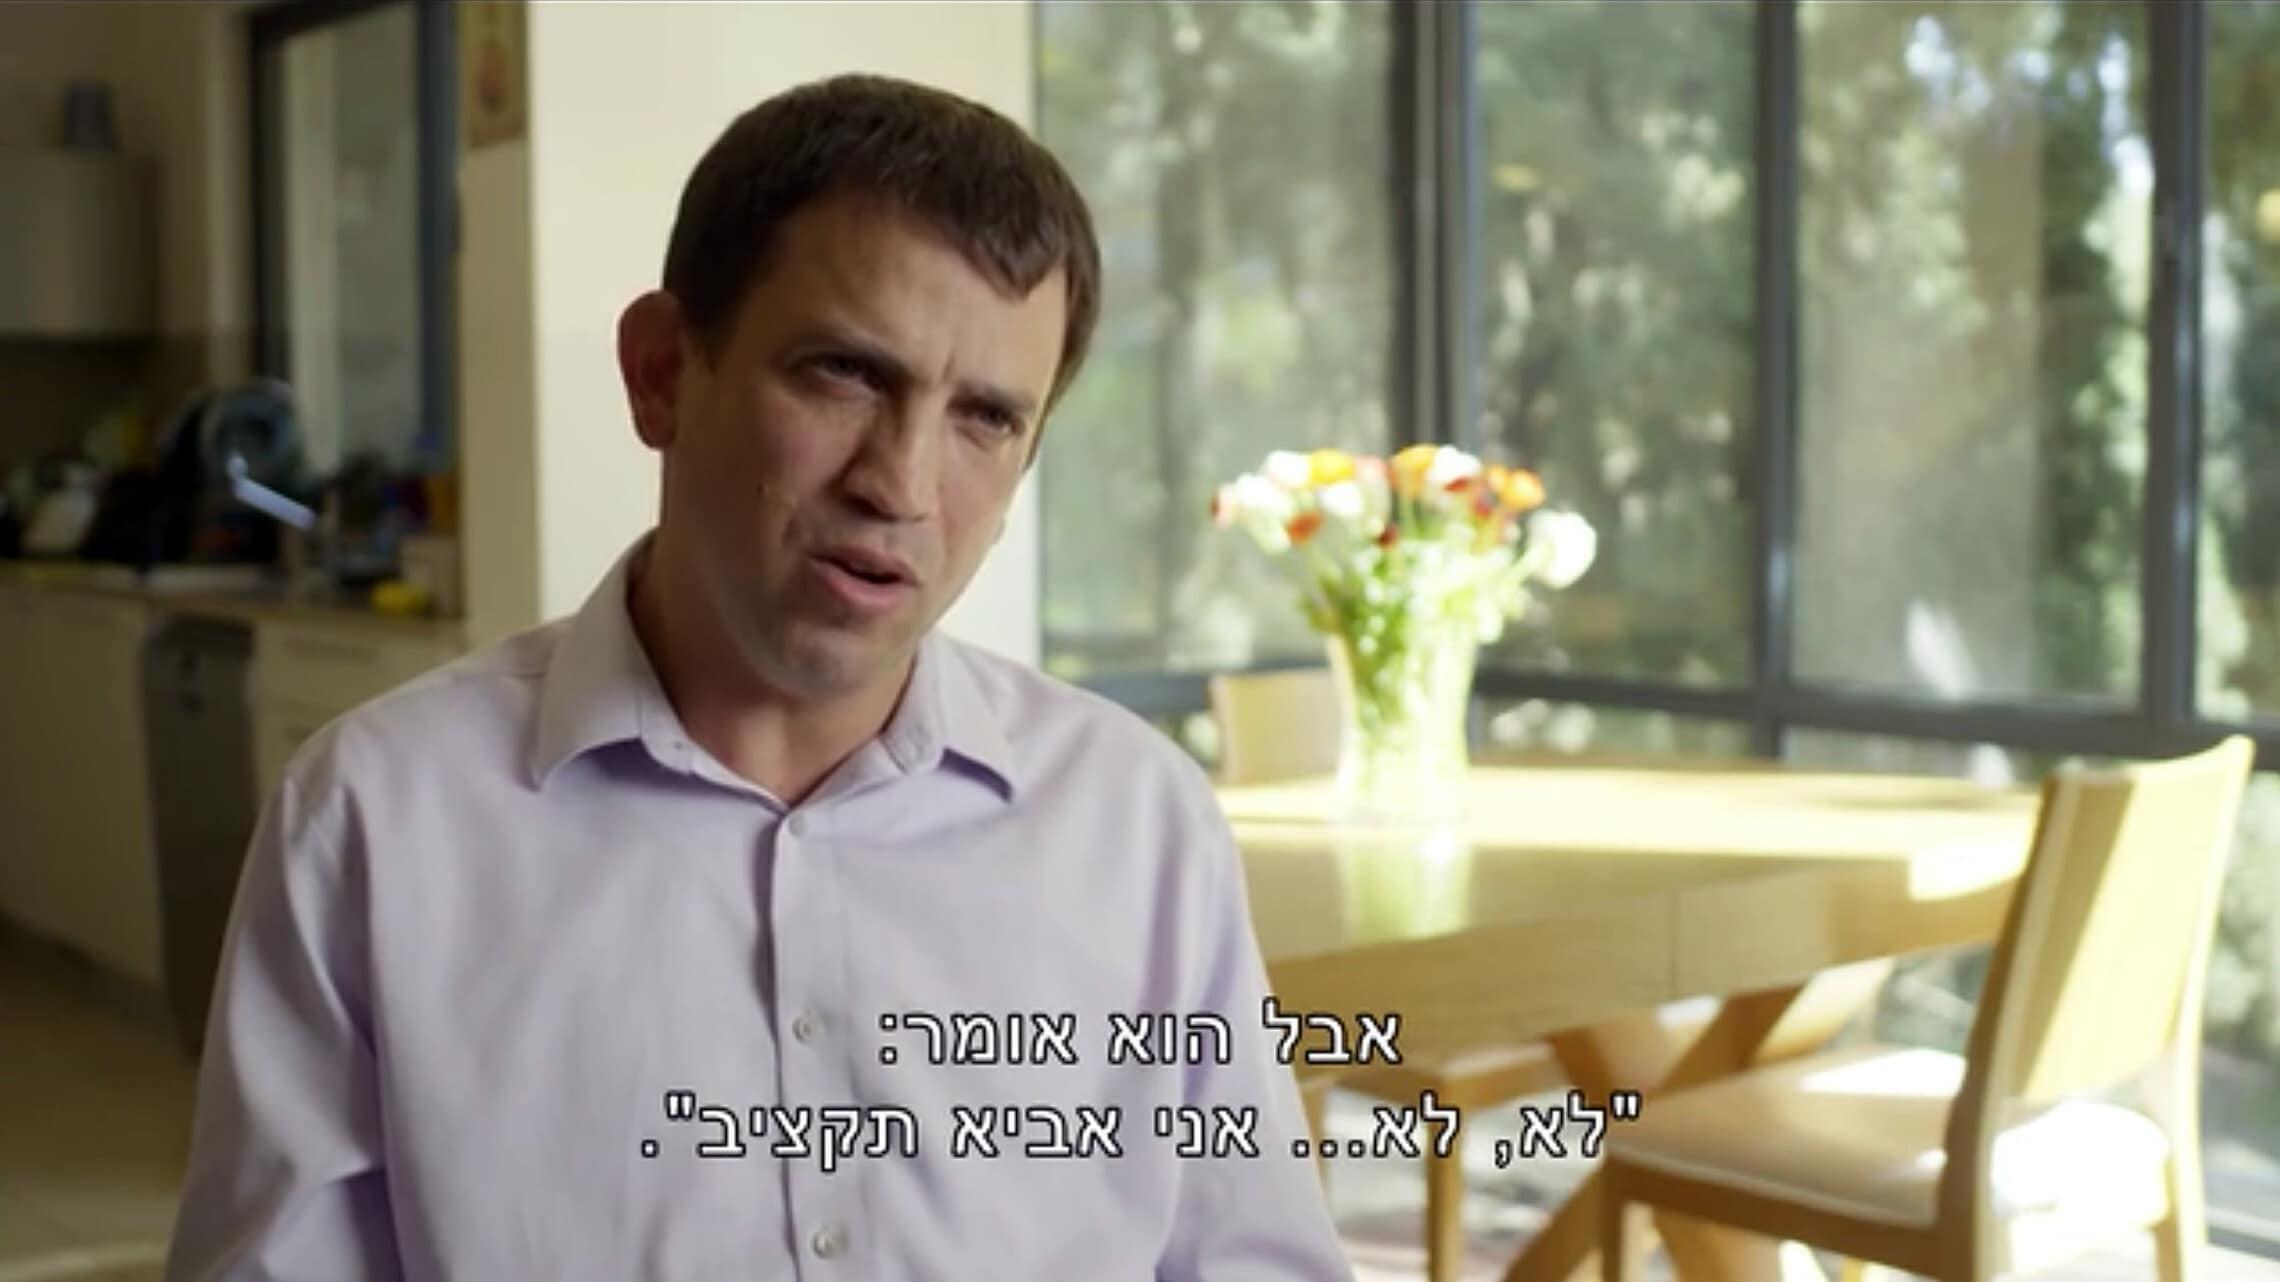 """שאול מרידור ב""""עובדה"""", 21 בינואר 2021 (צילום: צילום מסך, ערוץ 12)"""